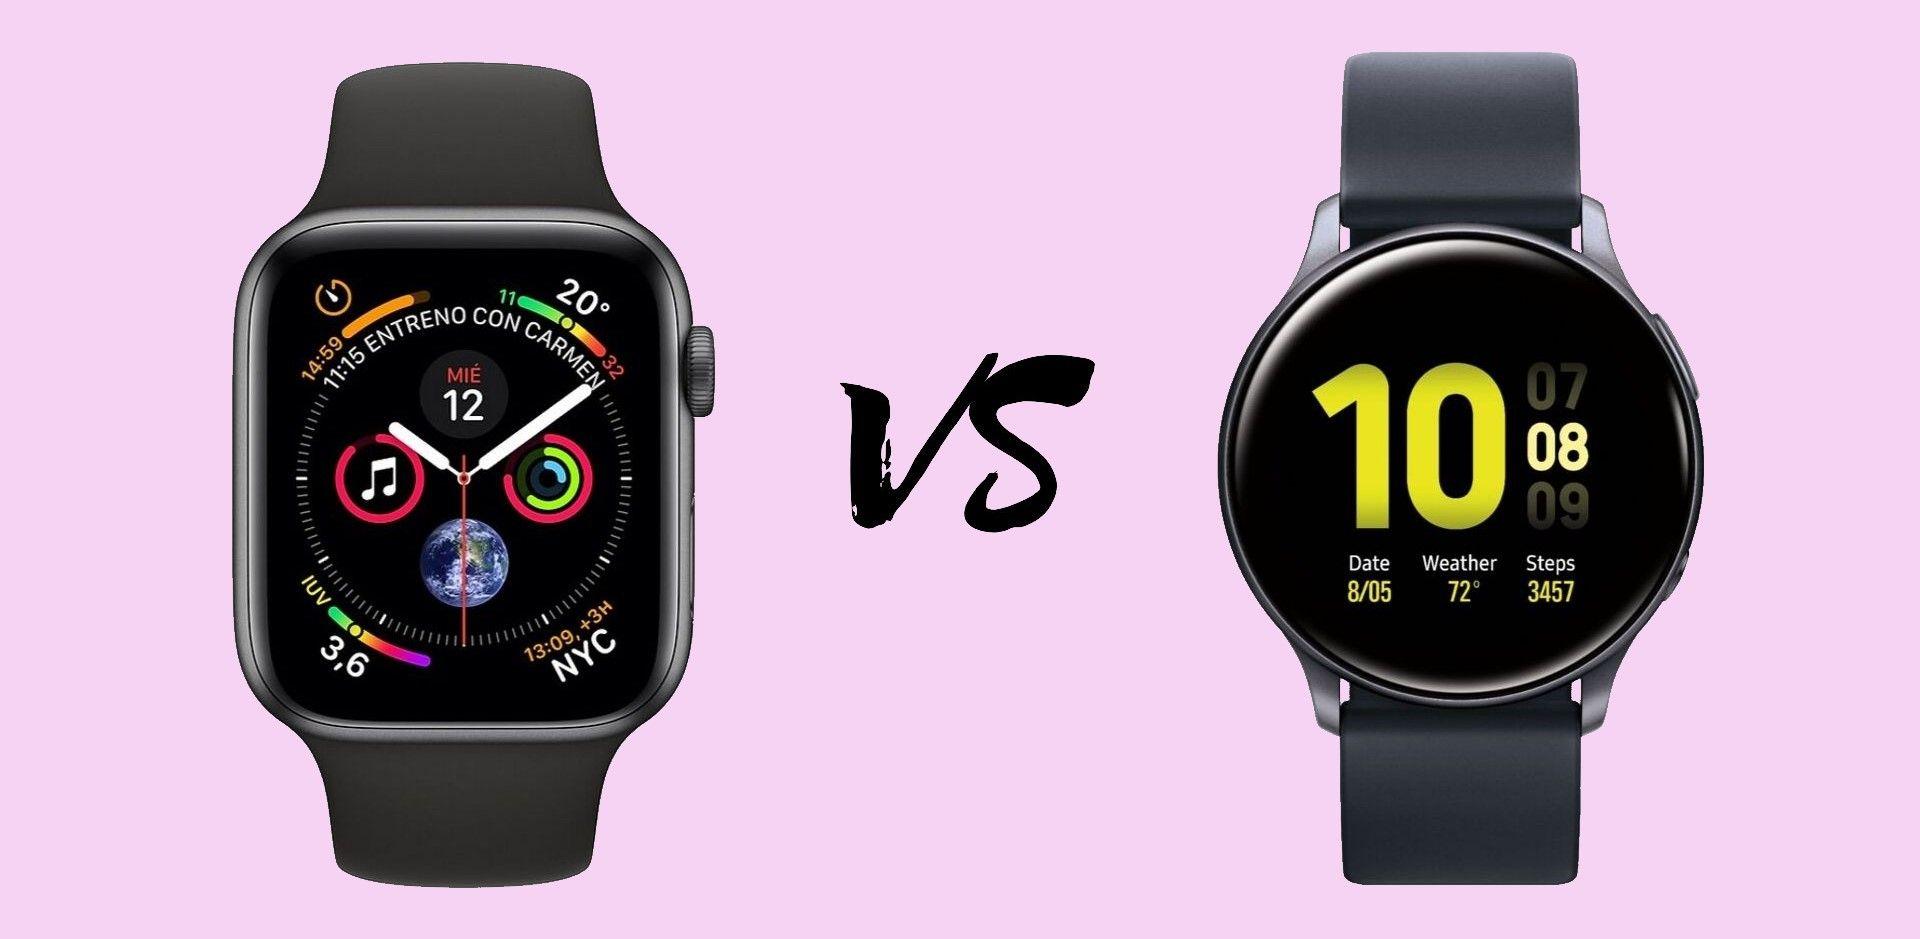 Apple Watch Series 5 Vs Samsung Galaxy Watch Active 2 Qué Smartwatch Es Mejor Apple Watch Smartwatch Samsung Galaxy